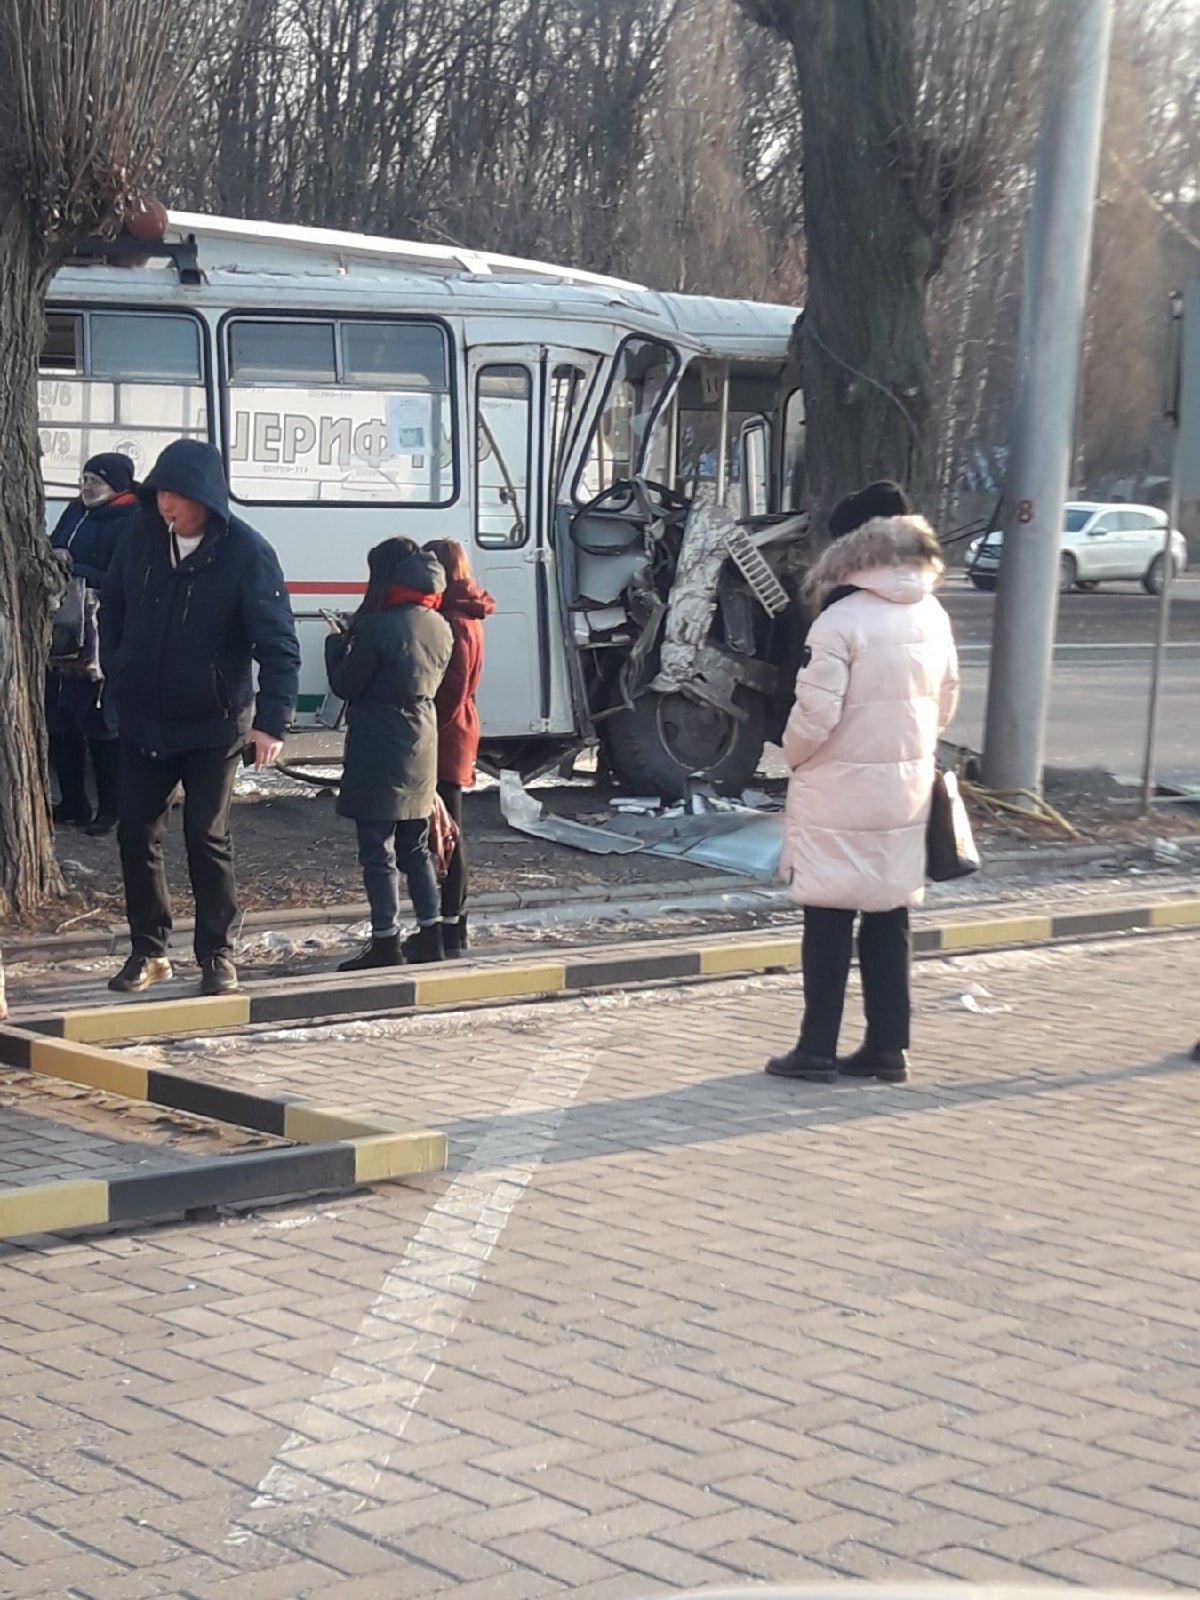 Между Донецком и Макеевкой столкнулись два автобуса: есть пострадавшие, - ФОТО, фото-1